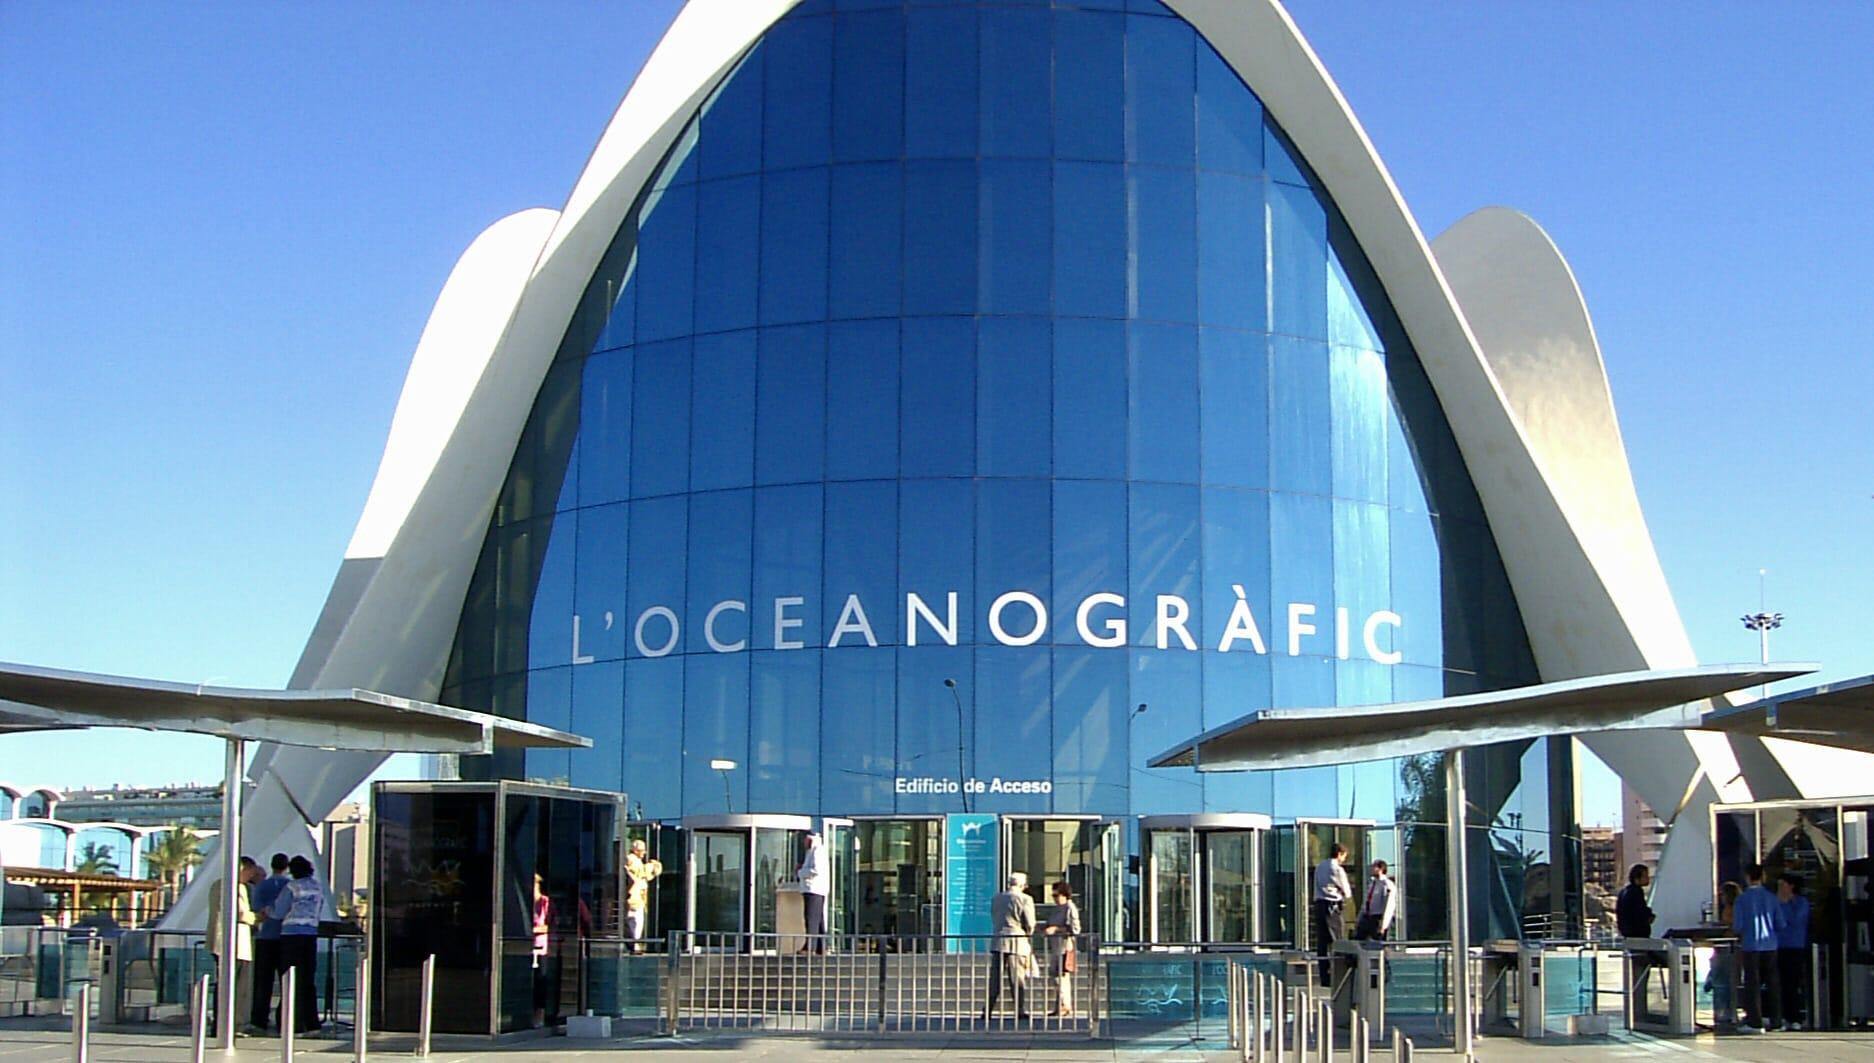 آکواریوم اقیانوسشناسی